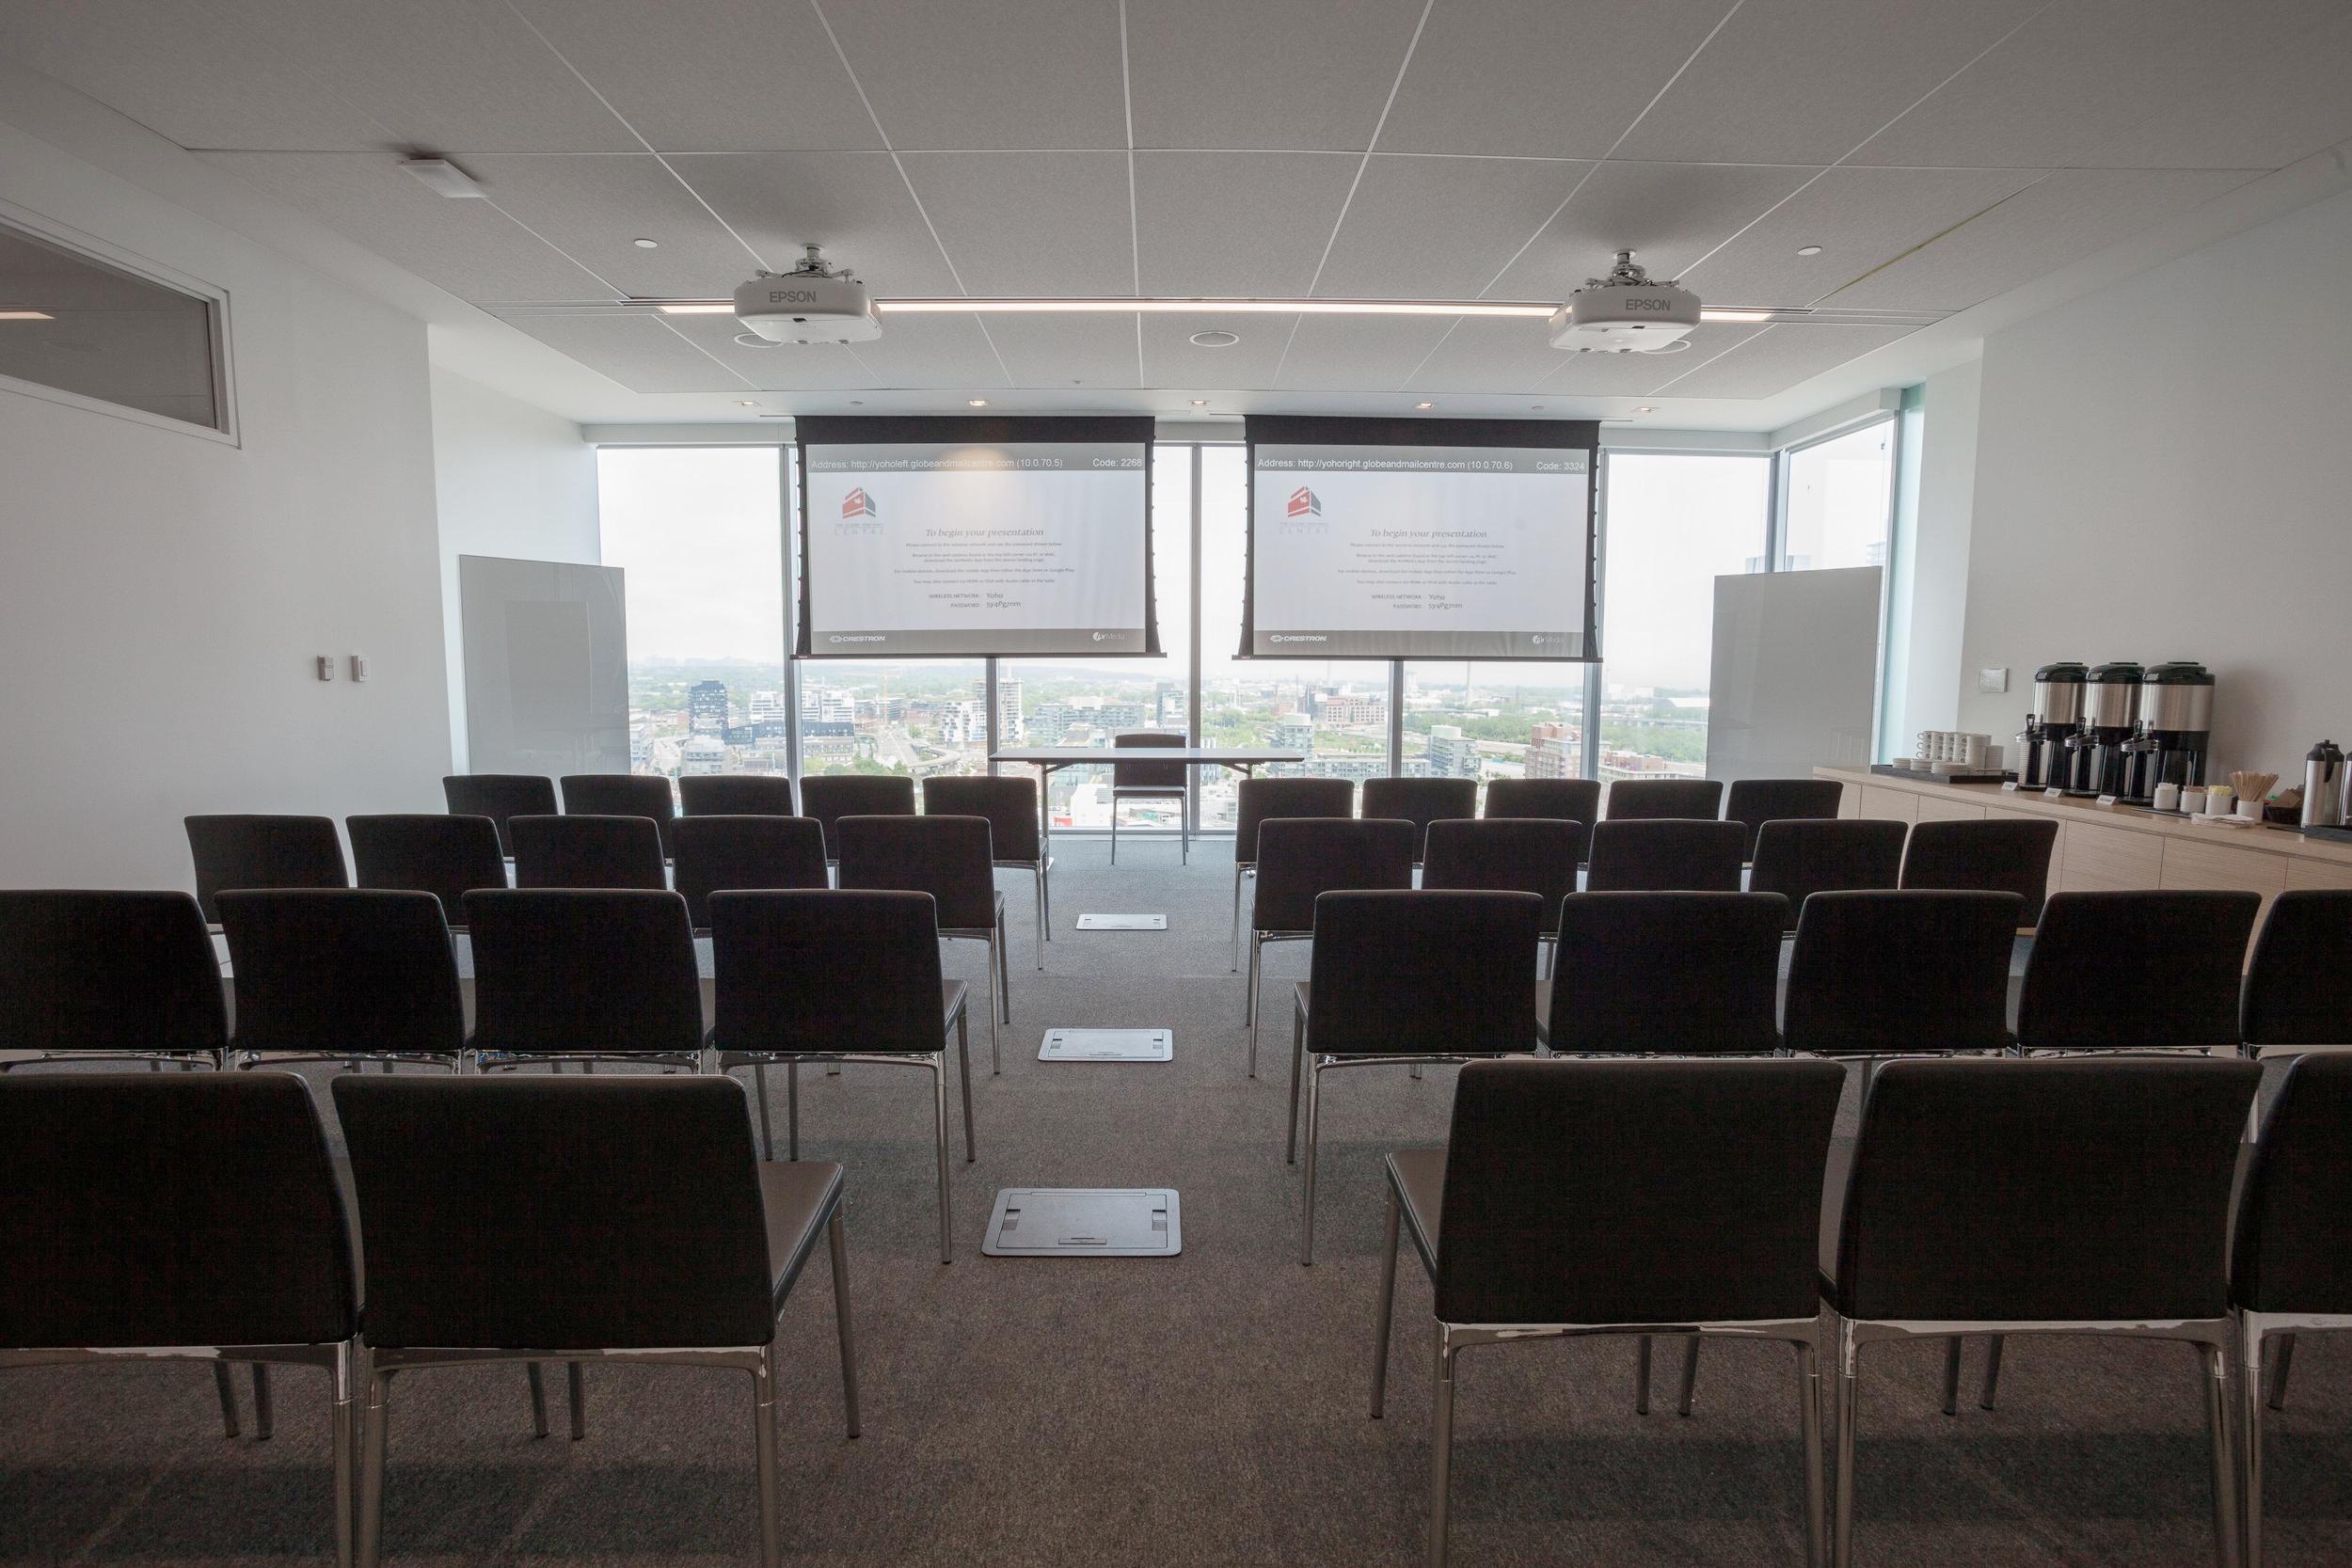 MeetingRoom2-001.jpg